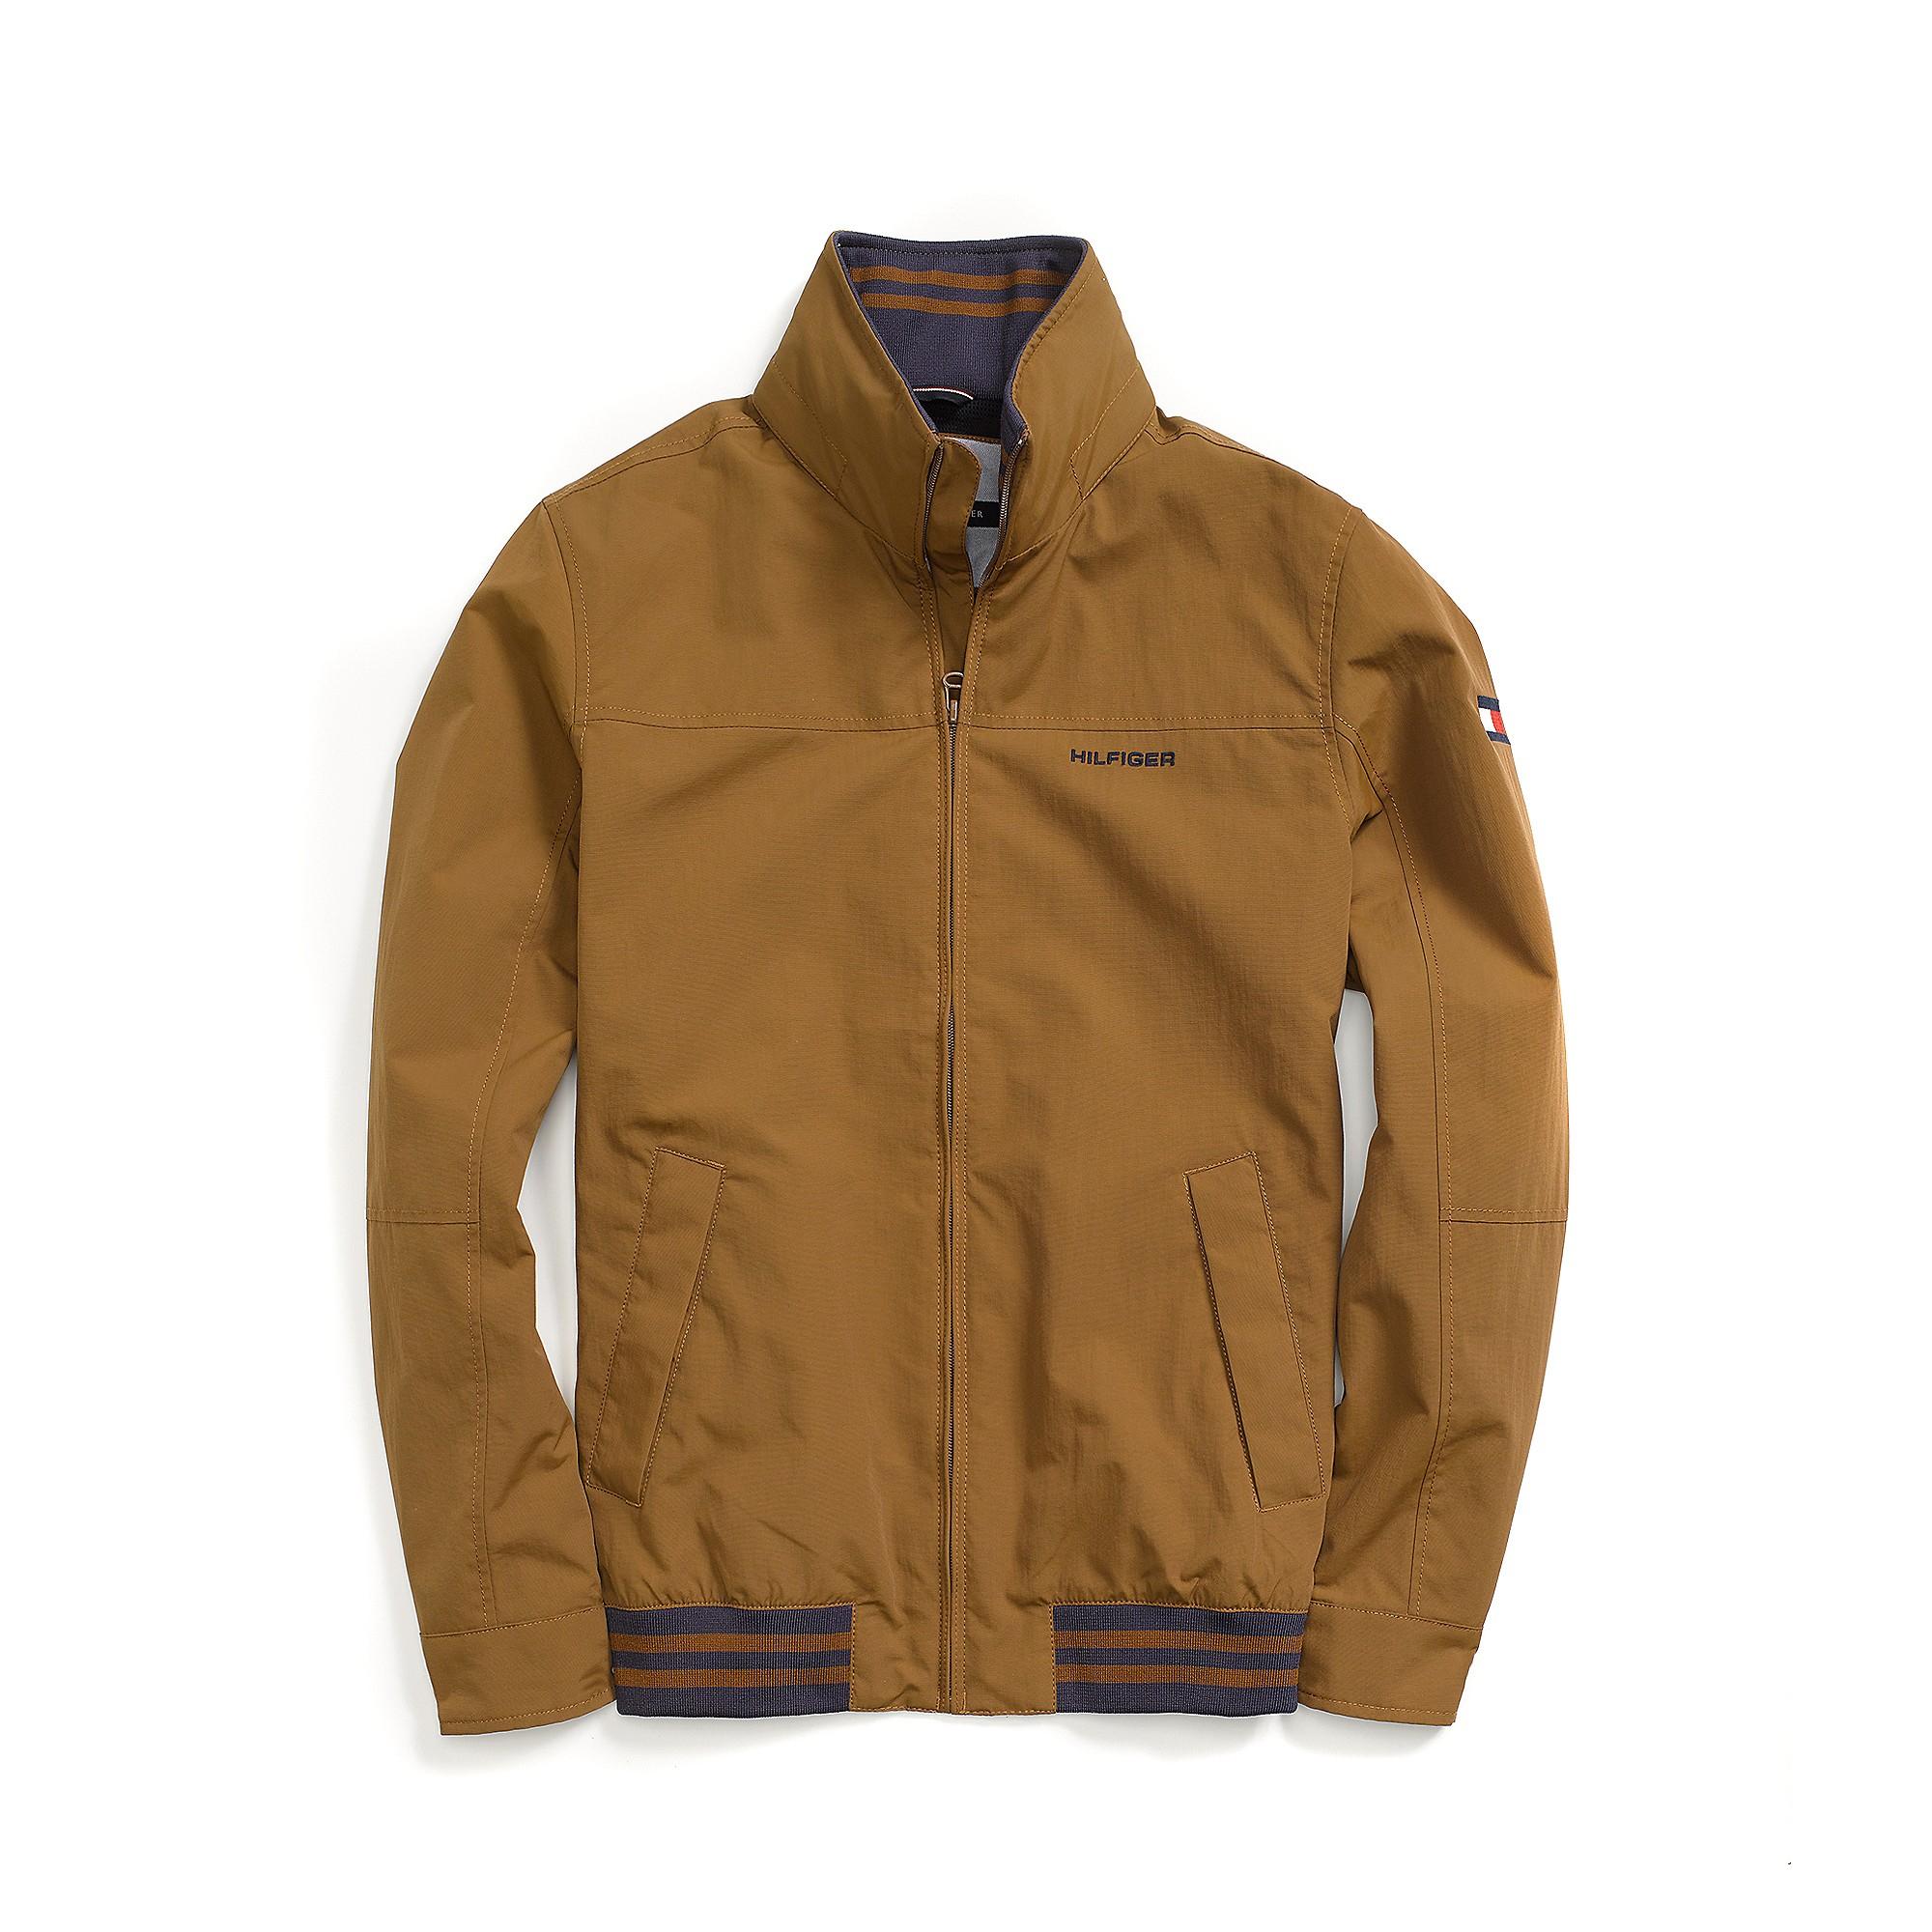 tommy hilfiger regatta jacket in brown for men cohiba. Black Bedroom Furniture Sets. Home Design Ideas